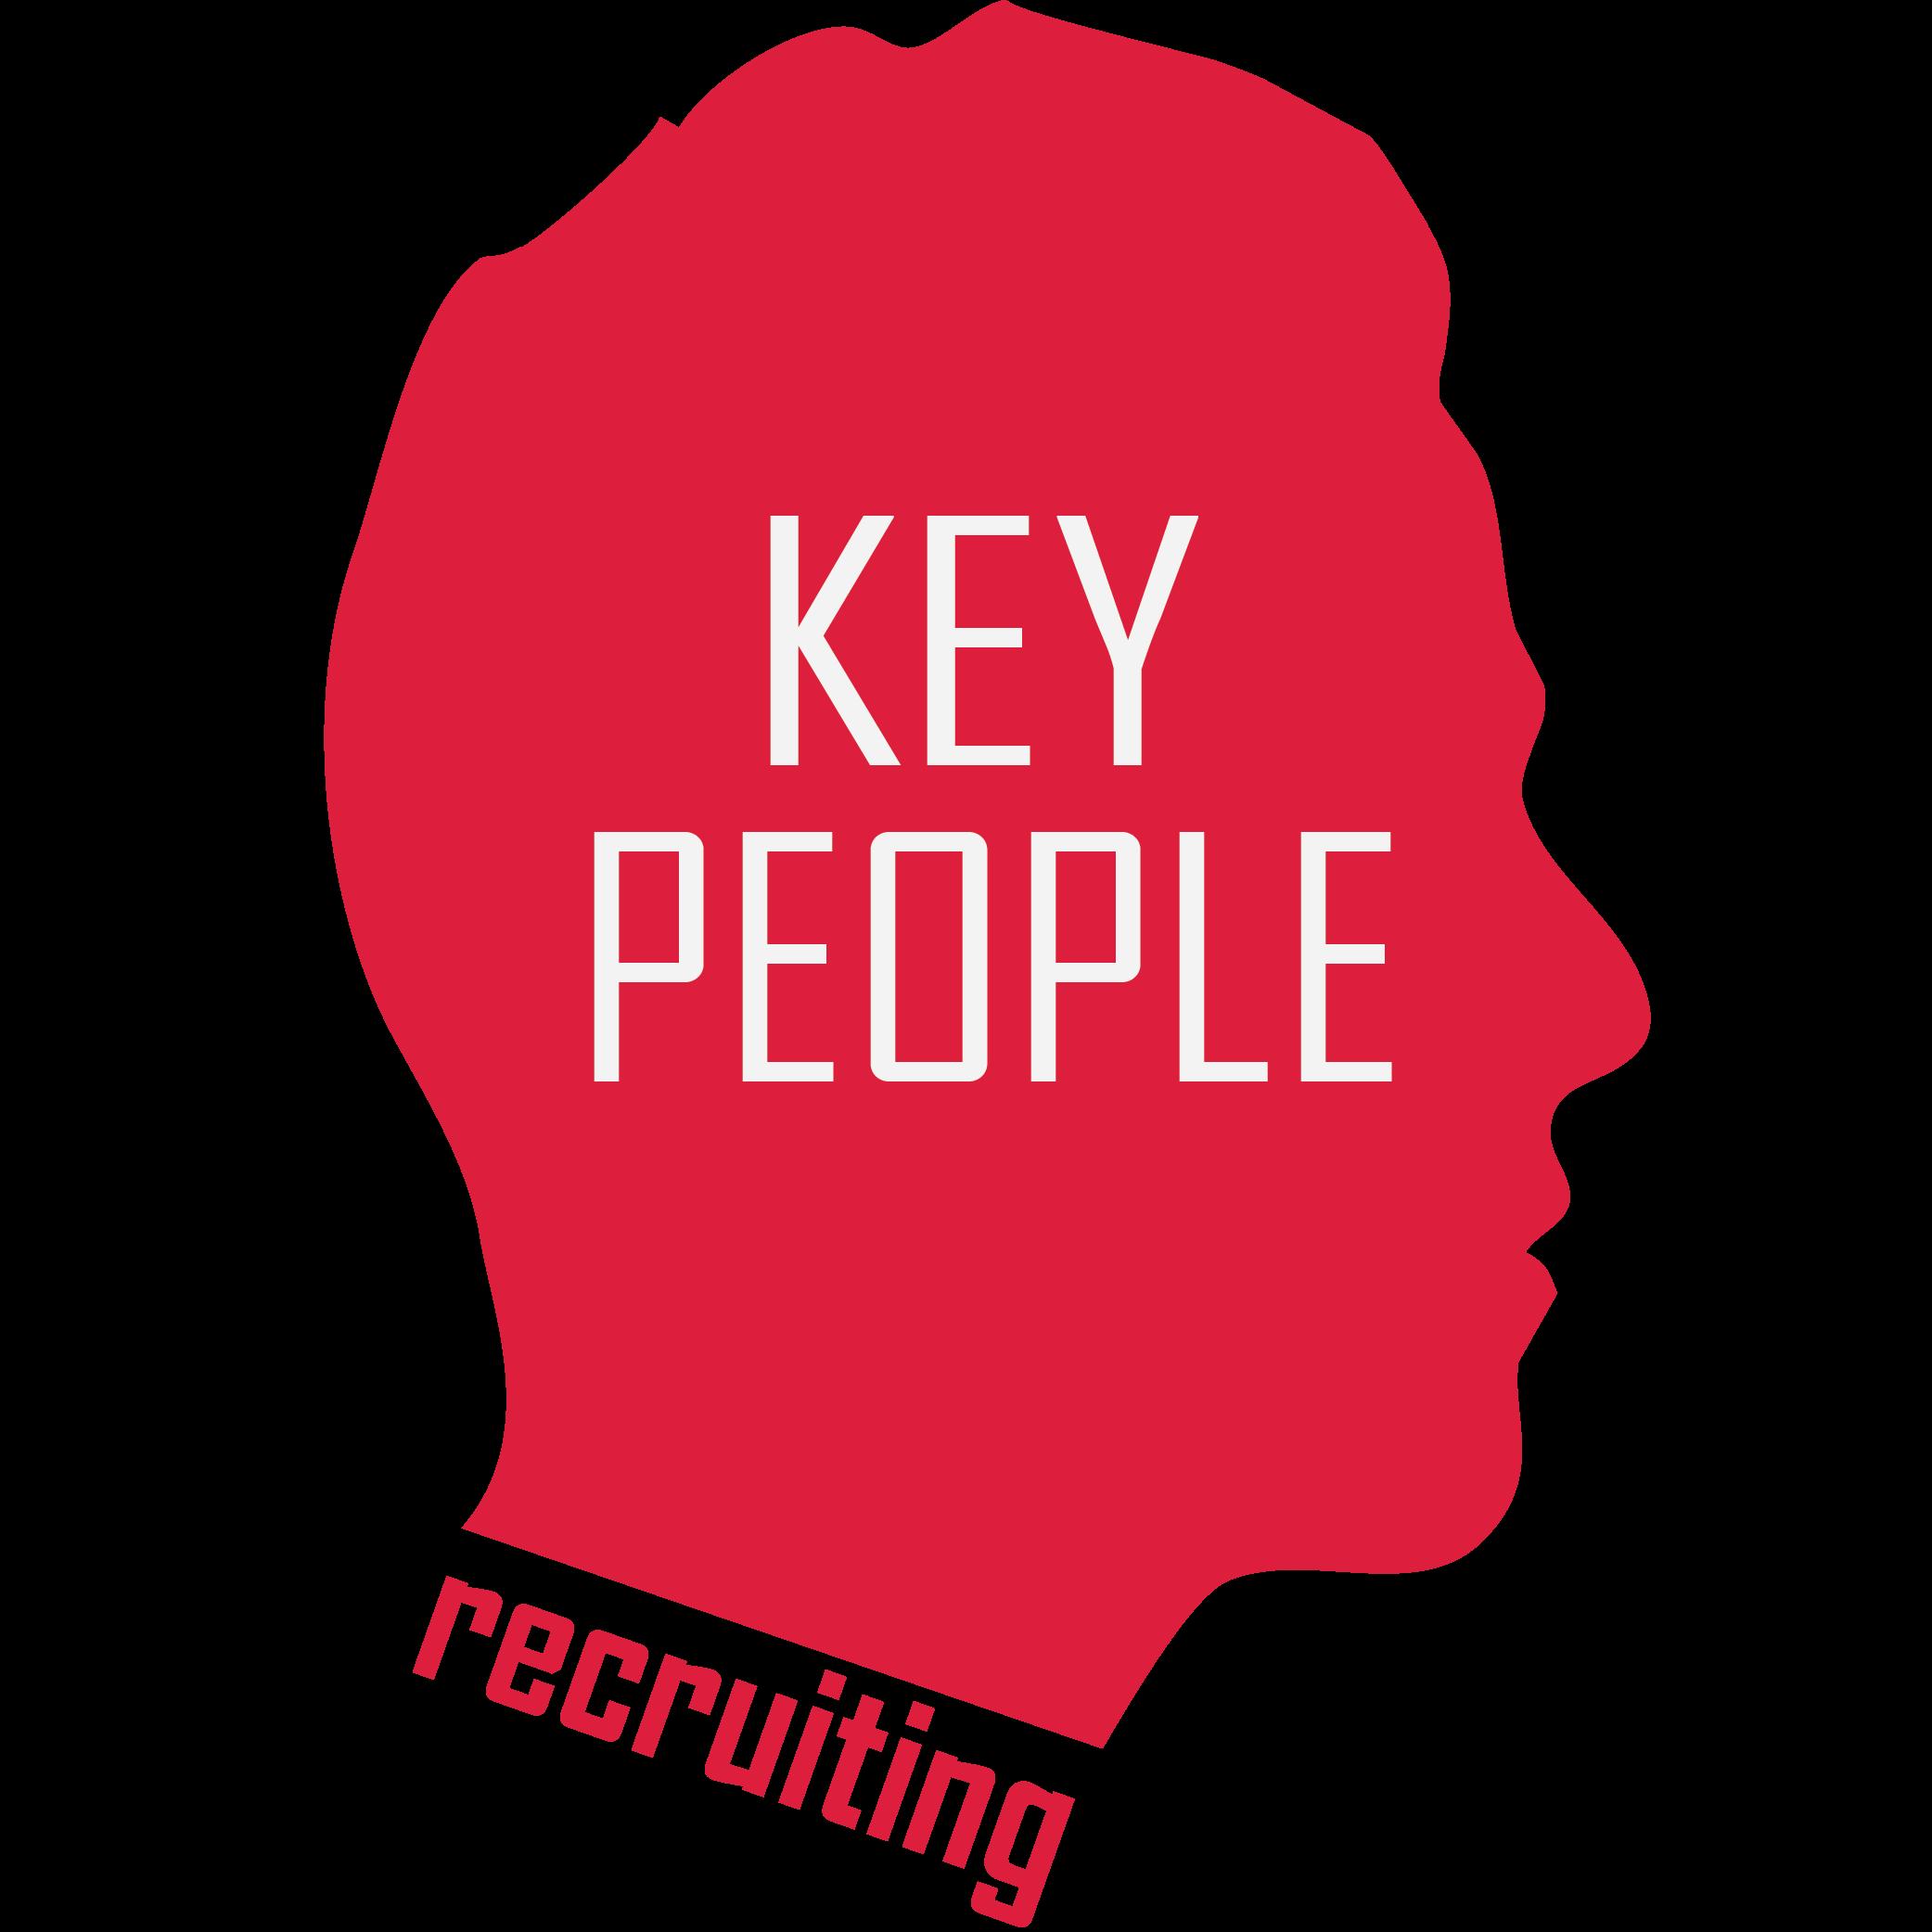 Key_people_head_red_500х500 ЛОГО.png